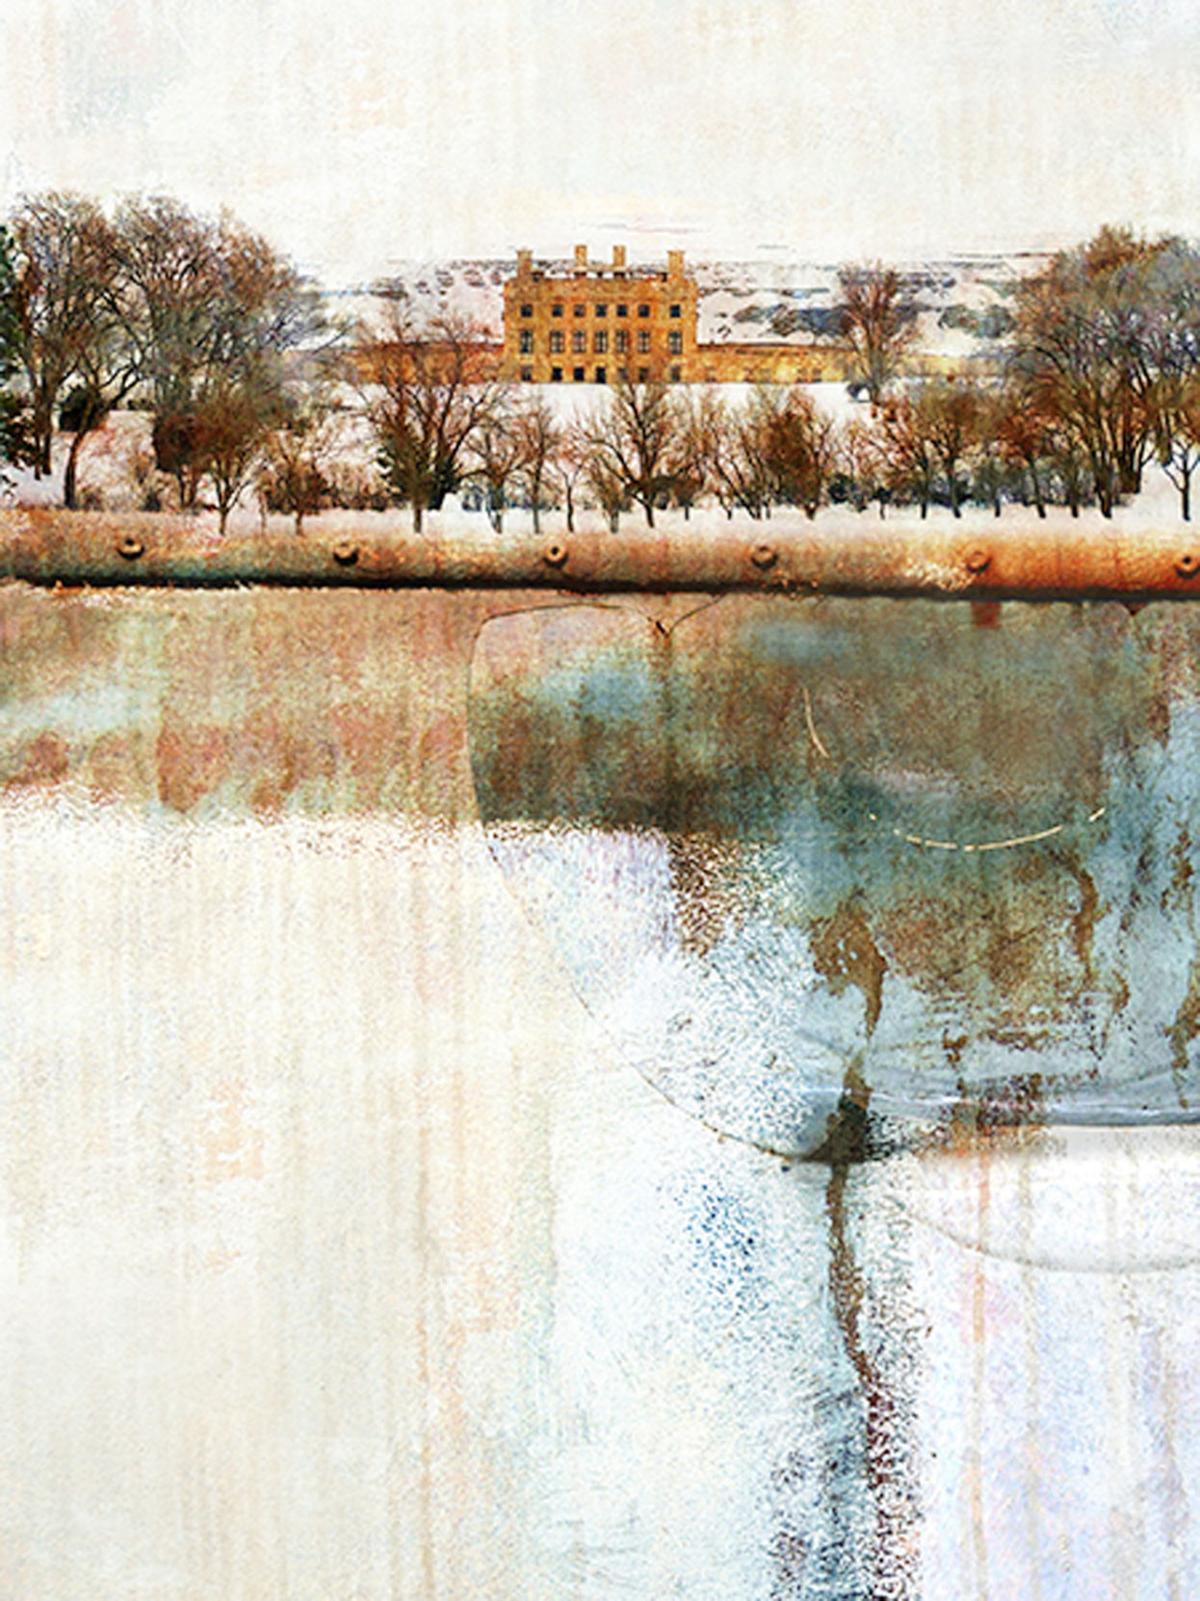 190905 QA by artist LuAnn Ostergaard Maryhill In Winter 600 px.jpg